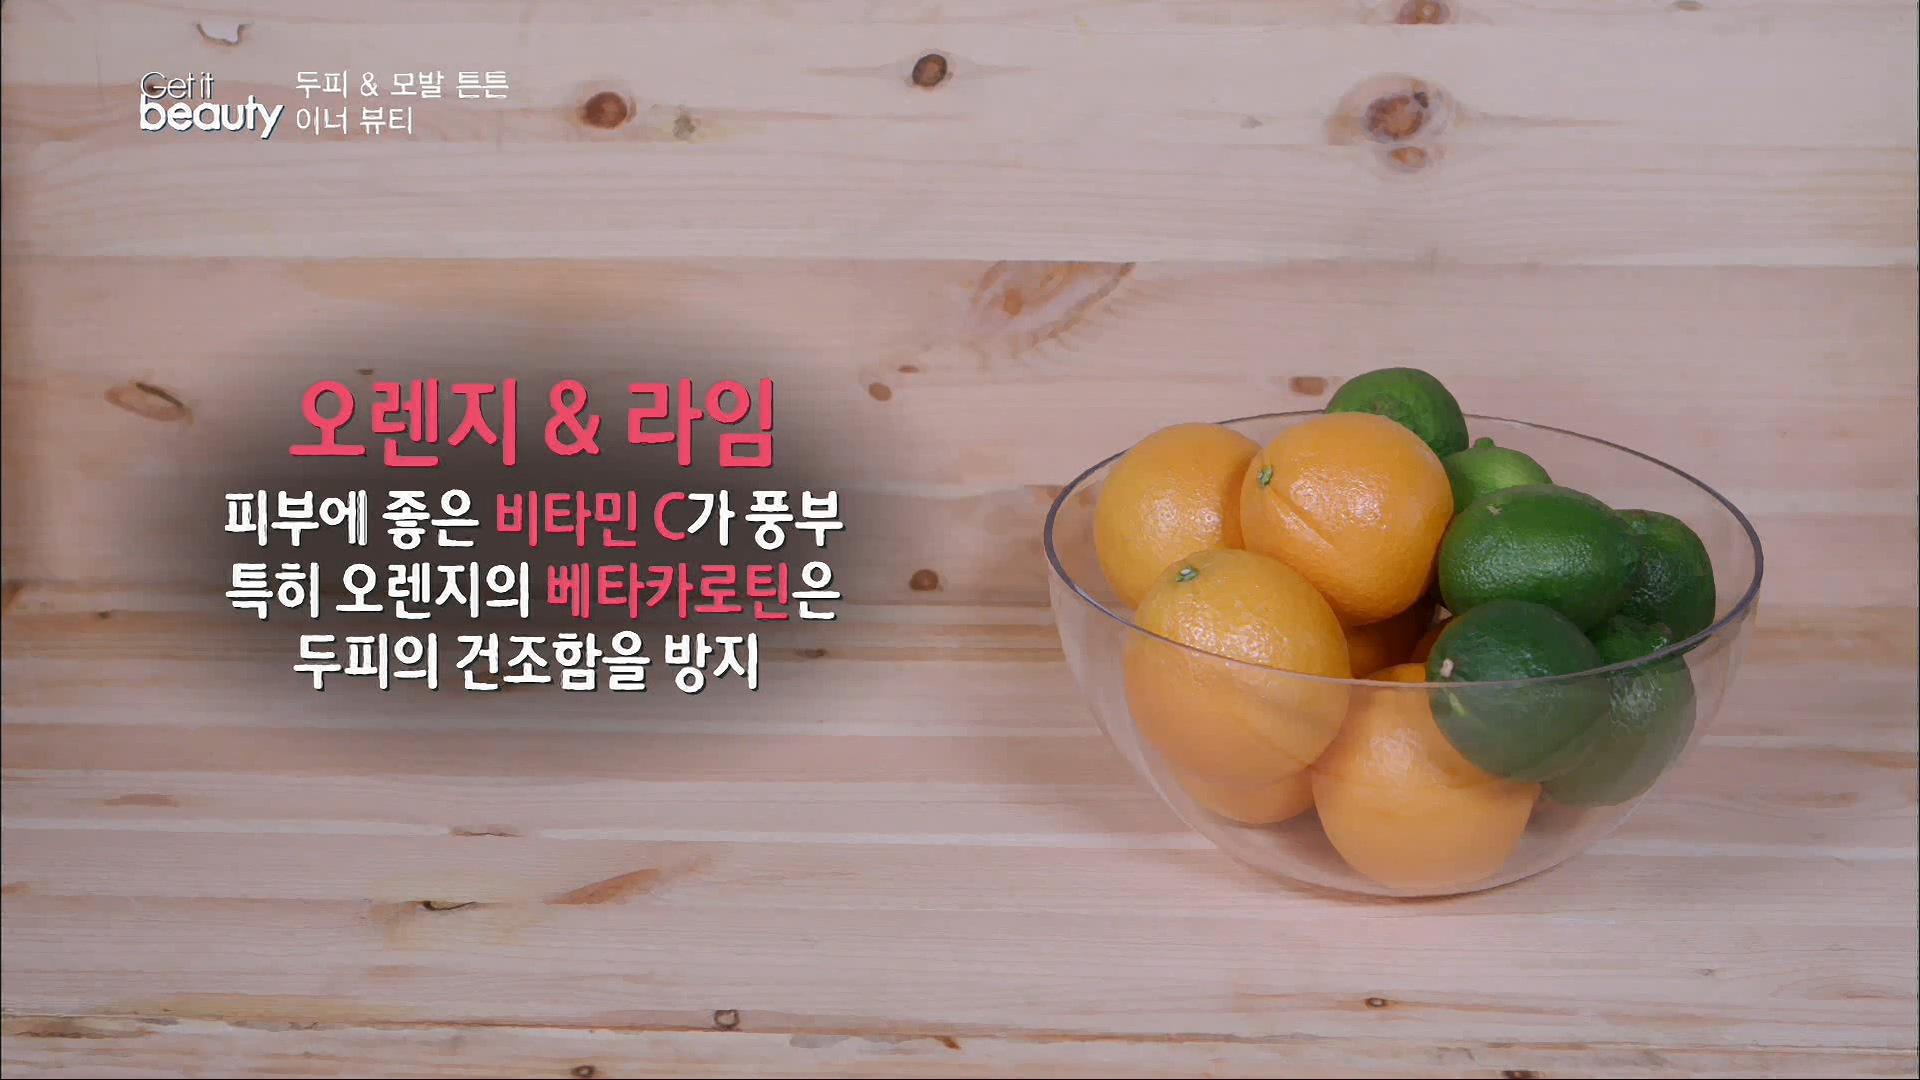 오렌지와 라임은 피부에 좋은 비타민C가 풍부하고 특히 오렌지의 베타카로틴은 두피의 건조함을 방지해줍니다.